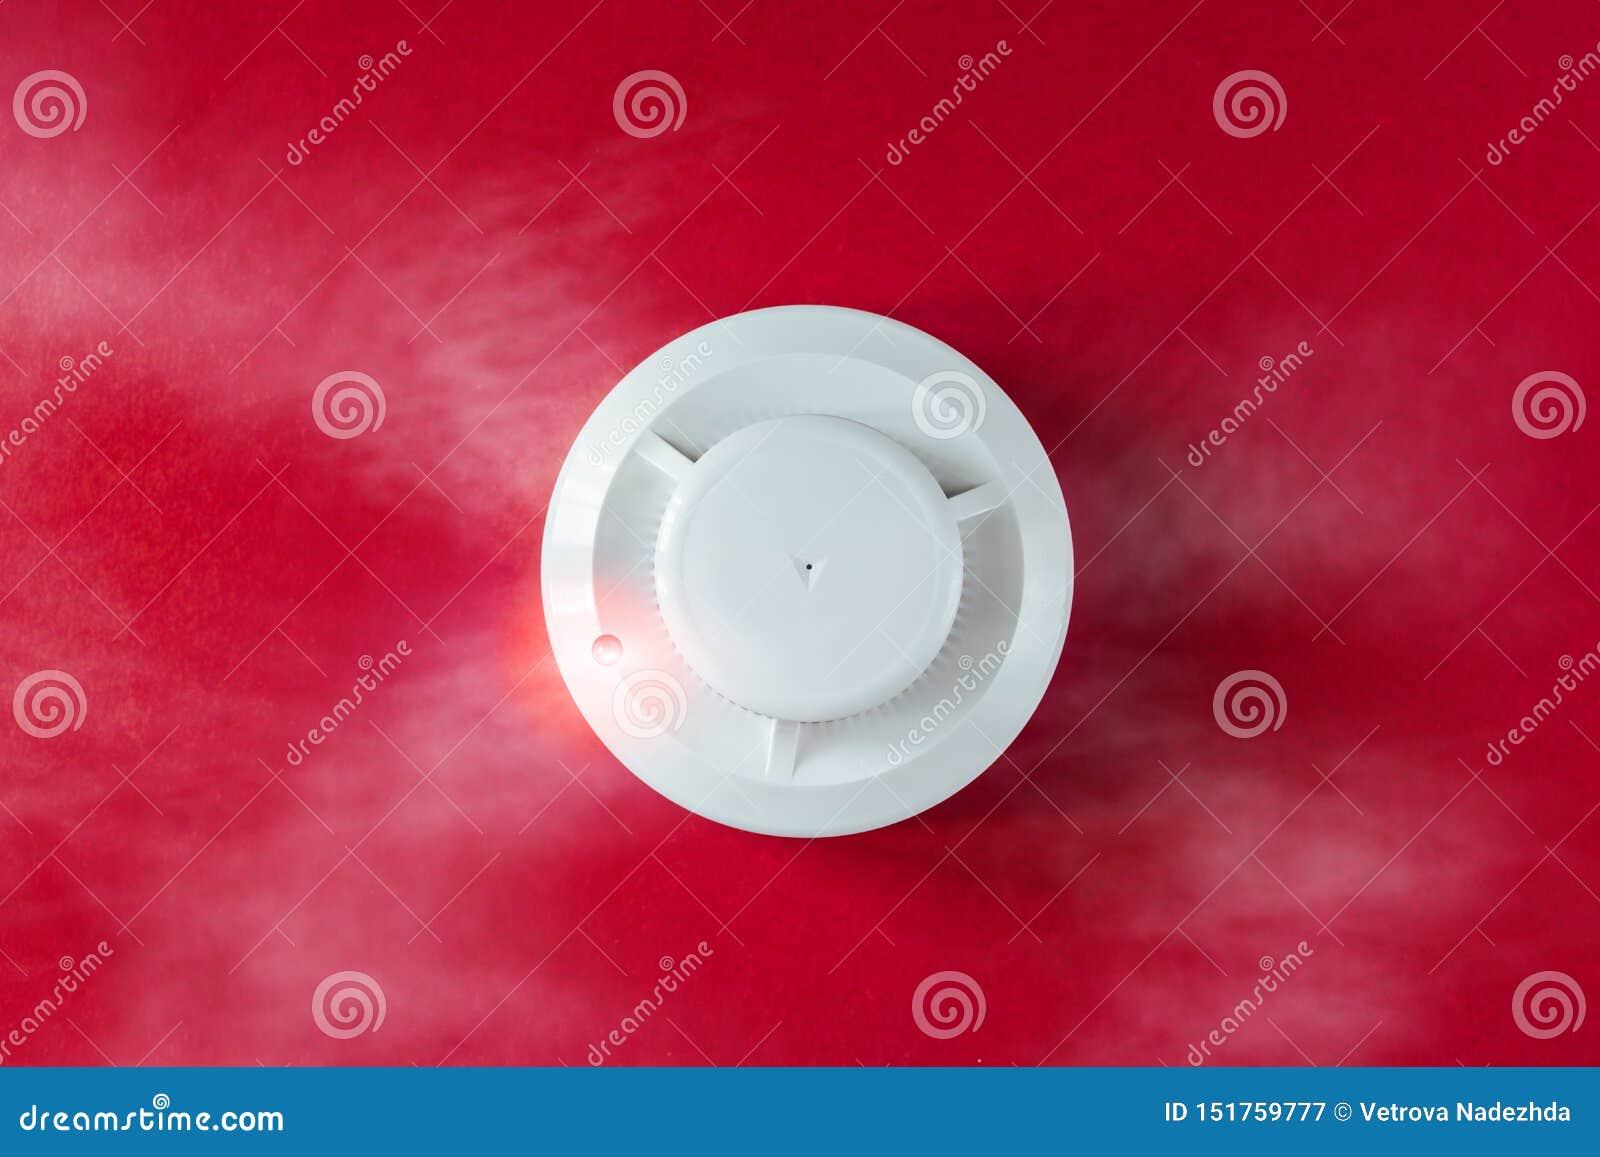 Detector del detector de humo y de incendios en un fondo rojo Endecha plana la alarma de incendio